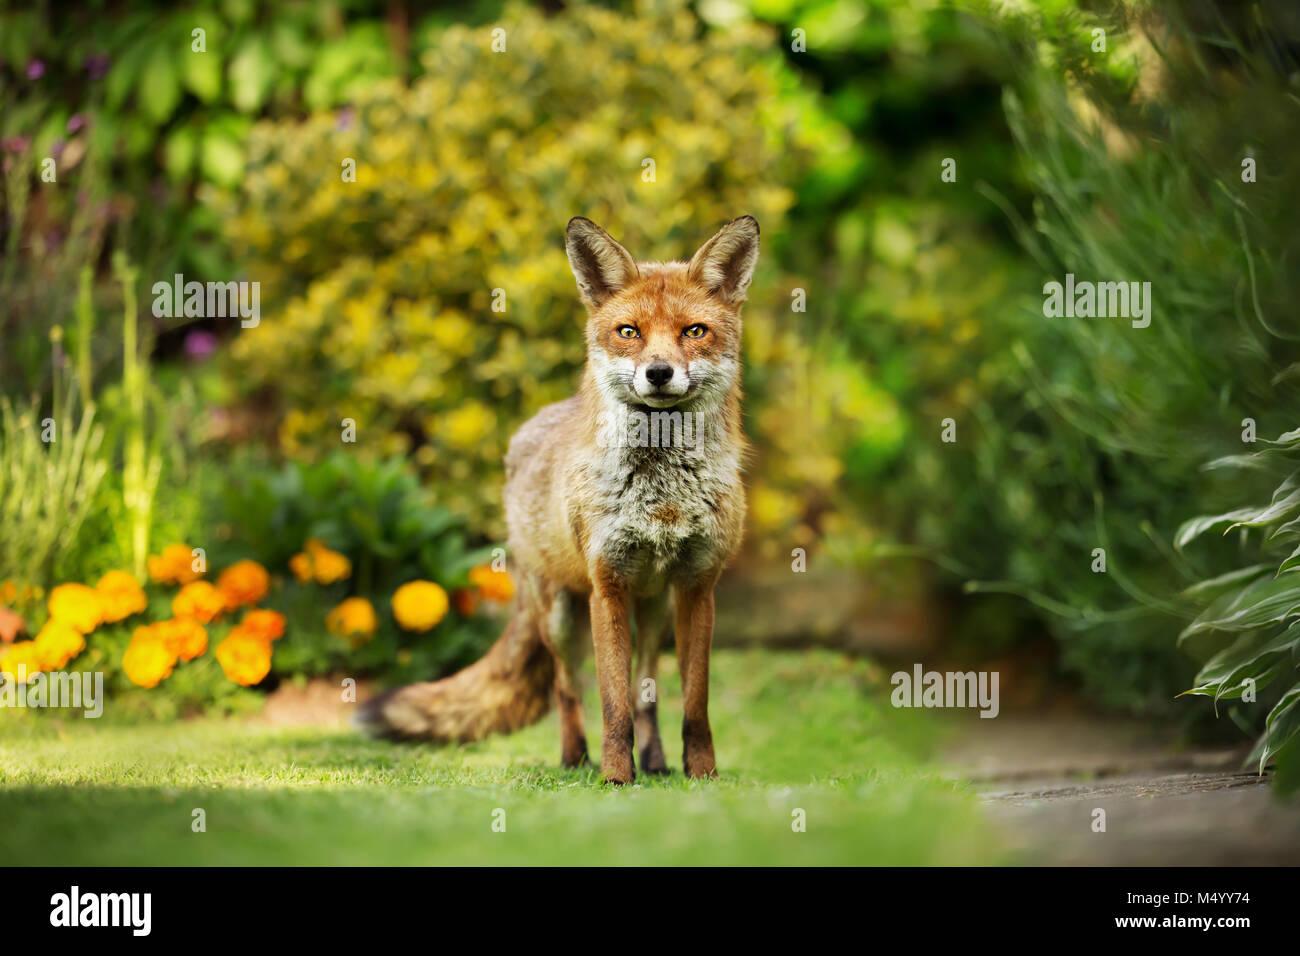 Red Fox in piedi nel giardino con fiori, estate nel Regno Unito. Immagini Stock